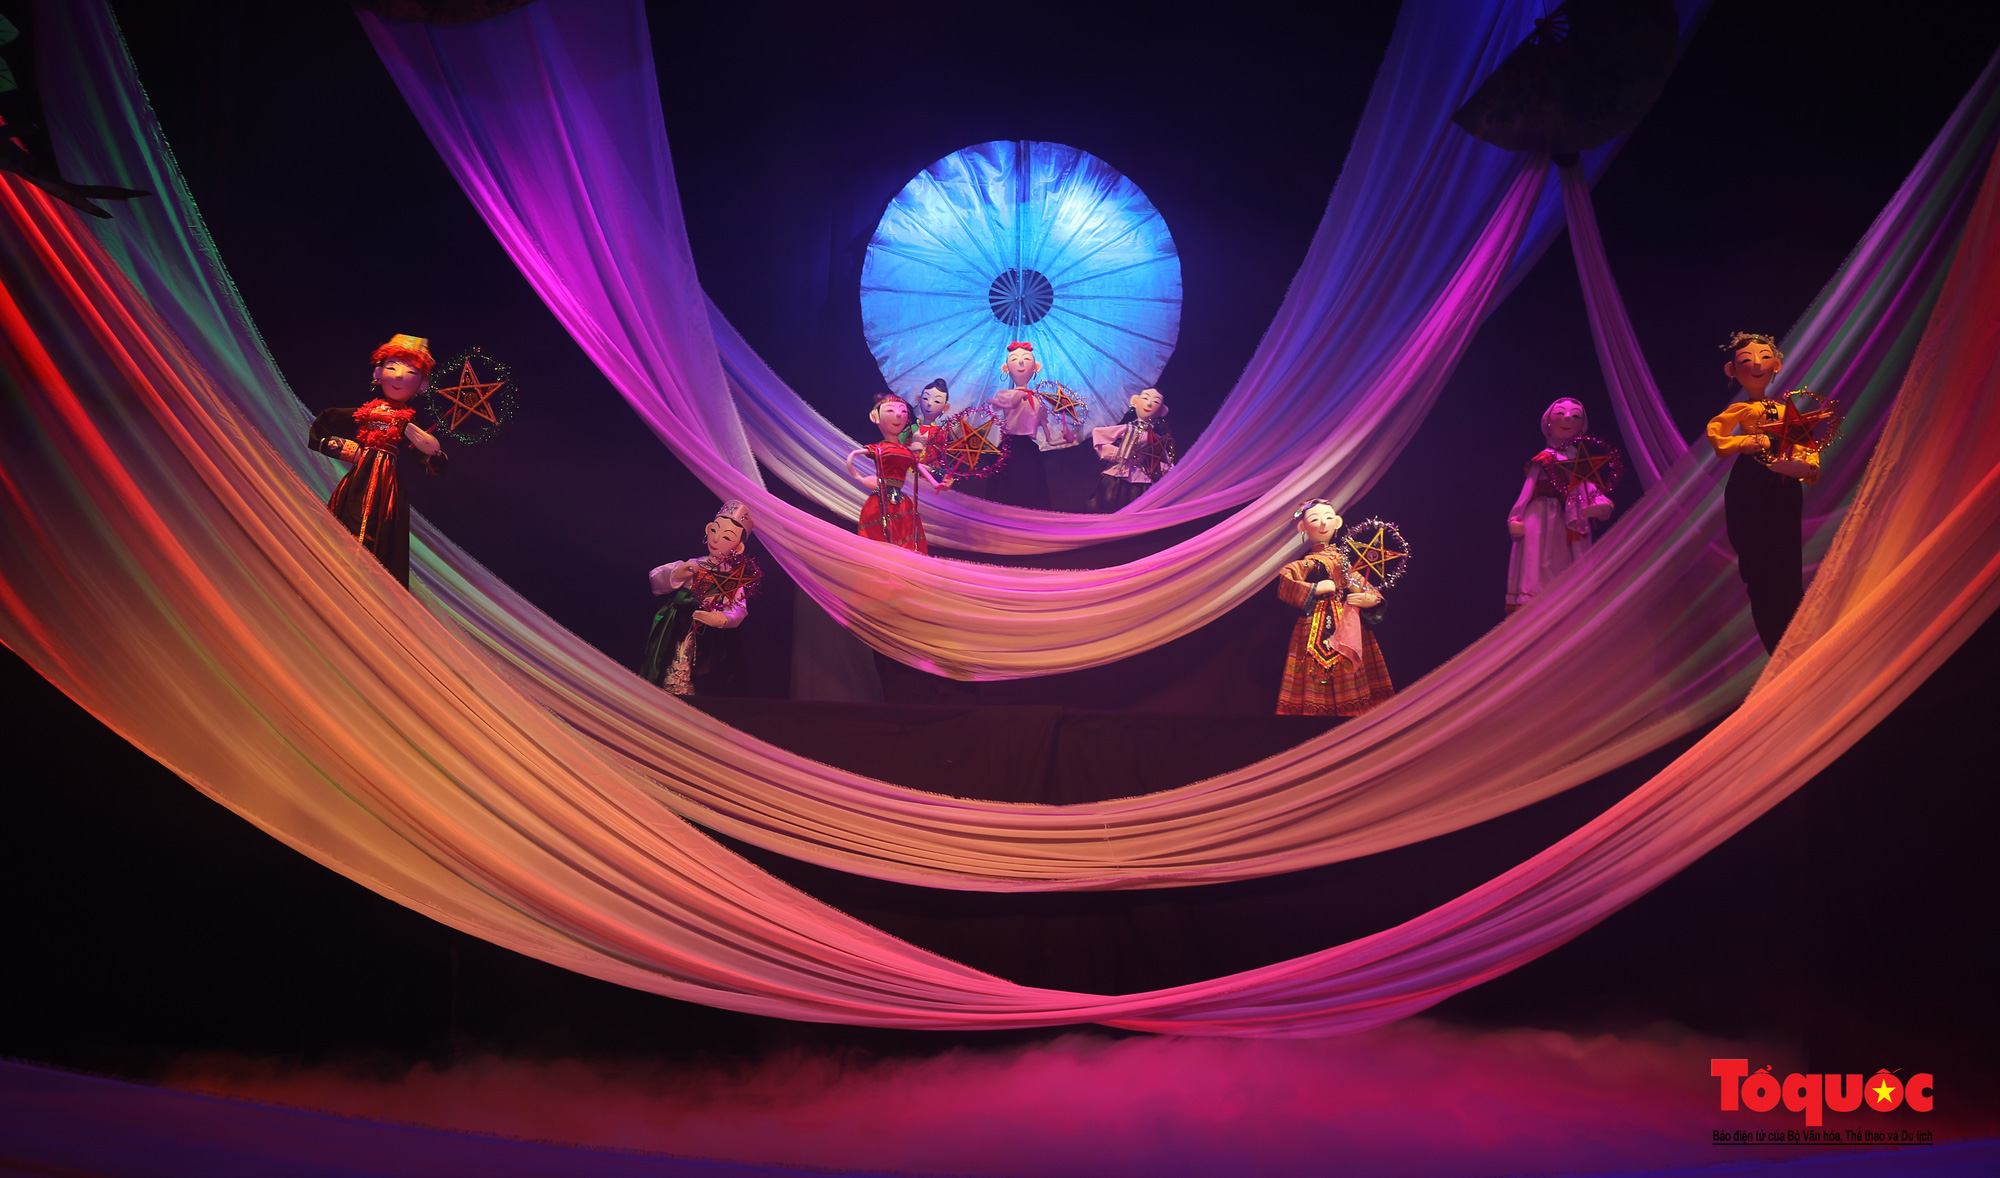 """Các nghệ sĩ múa rối hăng say luyện tập cho chương trình nghệ thuật online đặc biệt """"Trung thu cho em"""" - Ảnh 8."""